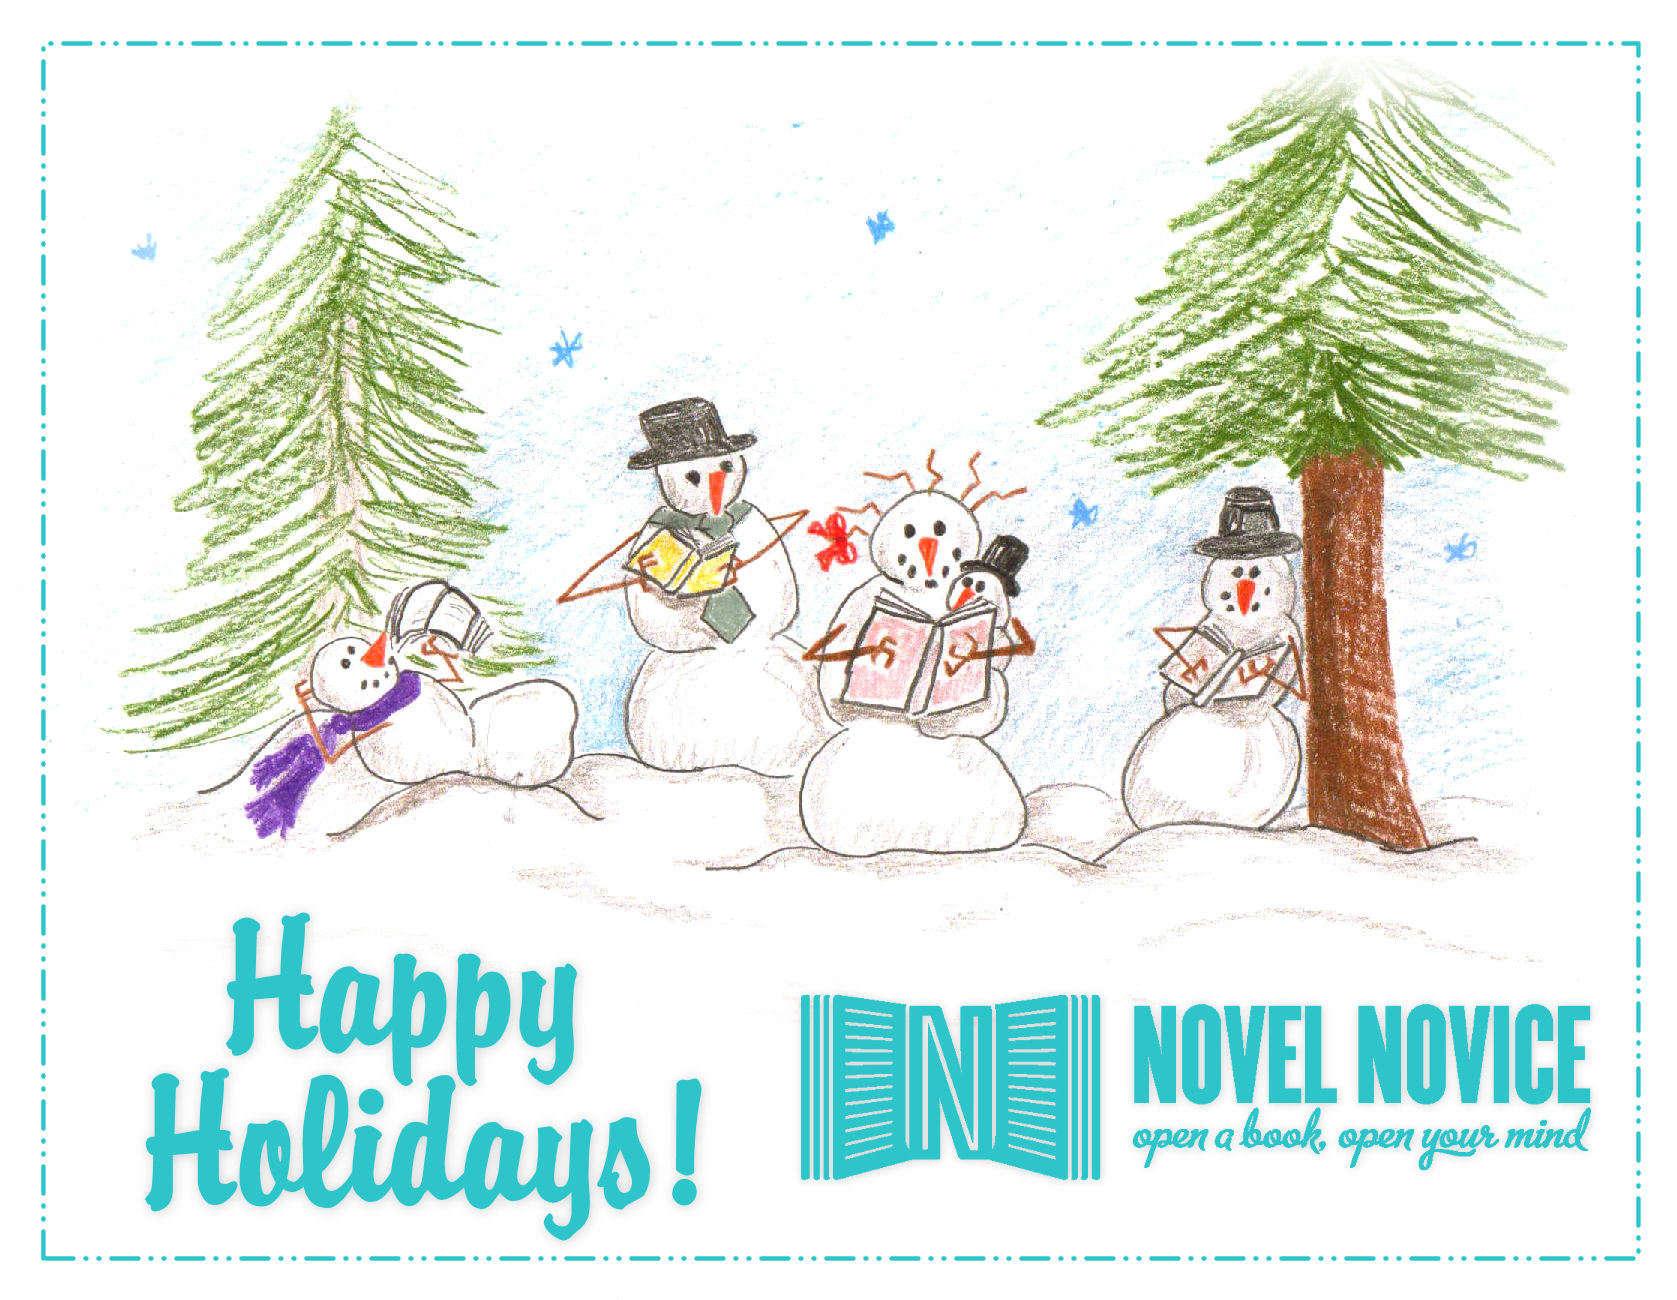 Happy Holidays from Everyone at Novel Novice